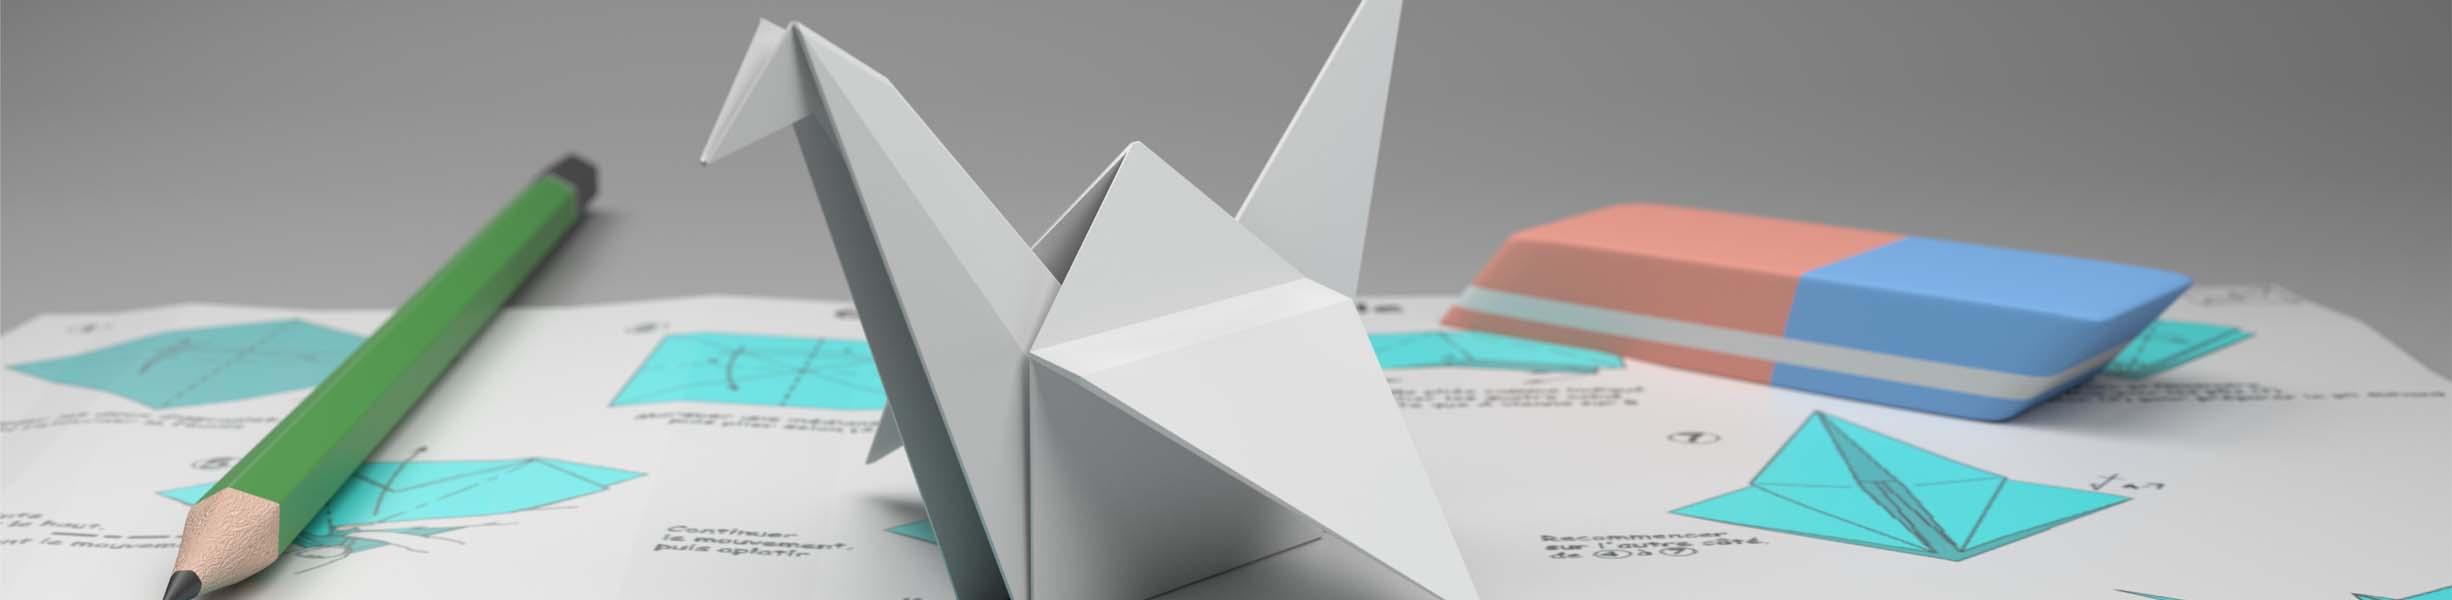 origami 2532622 Copia